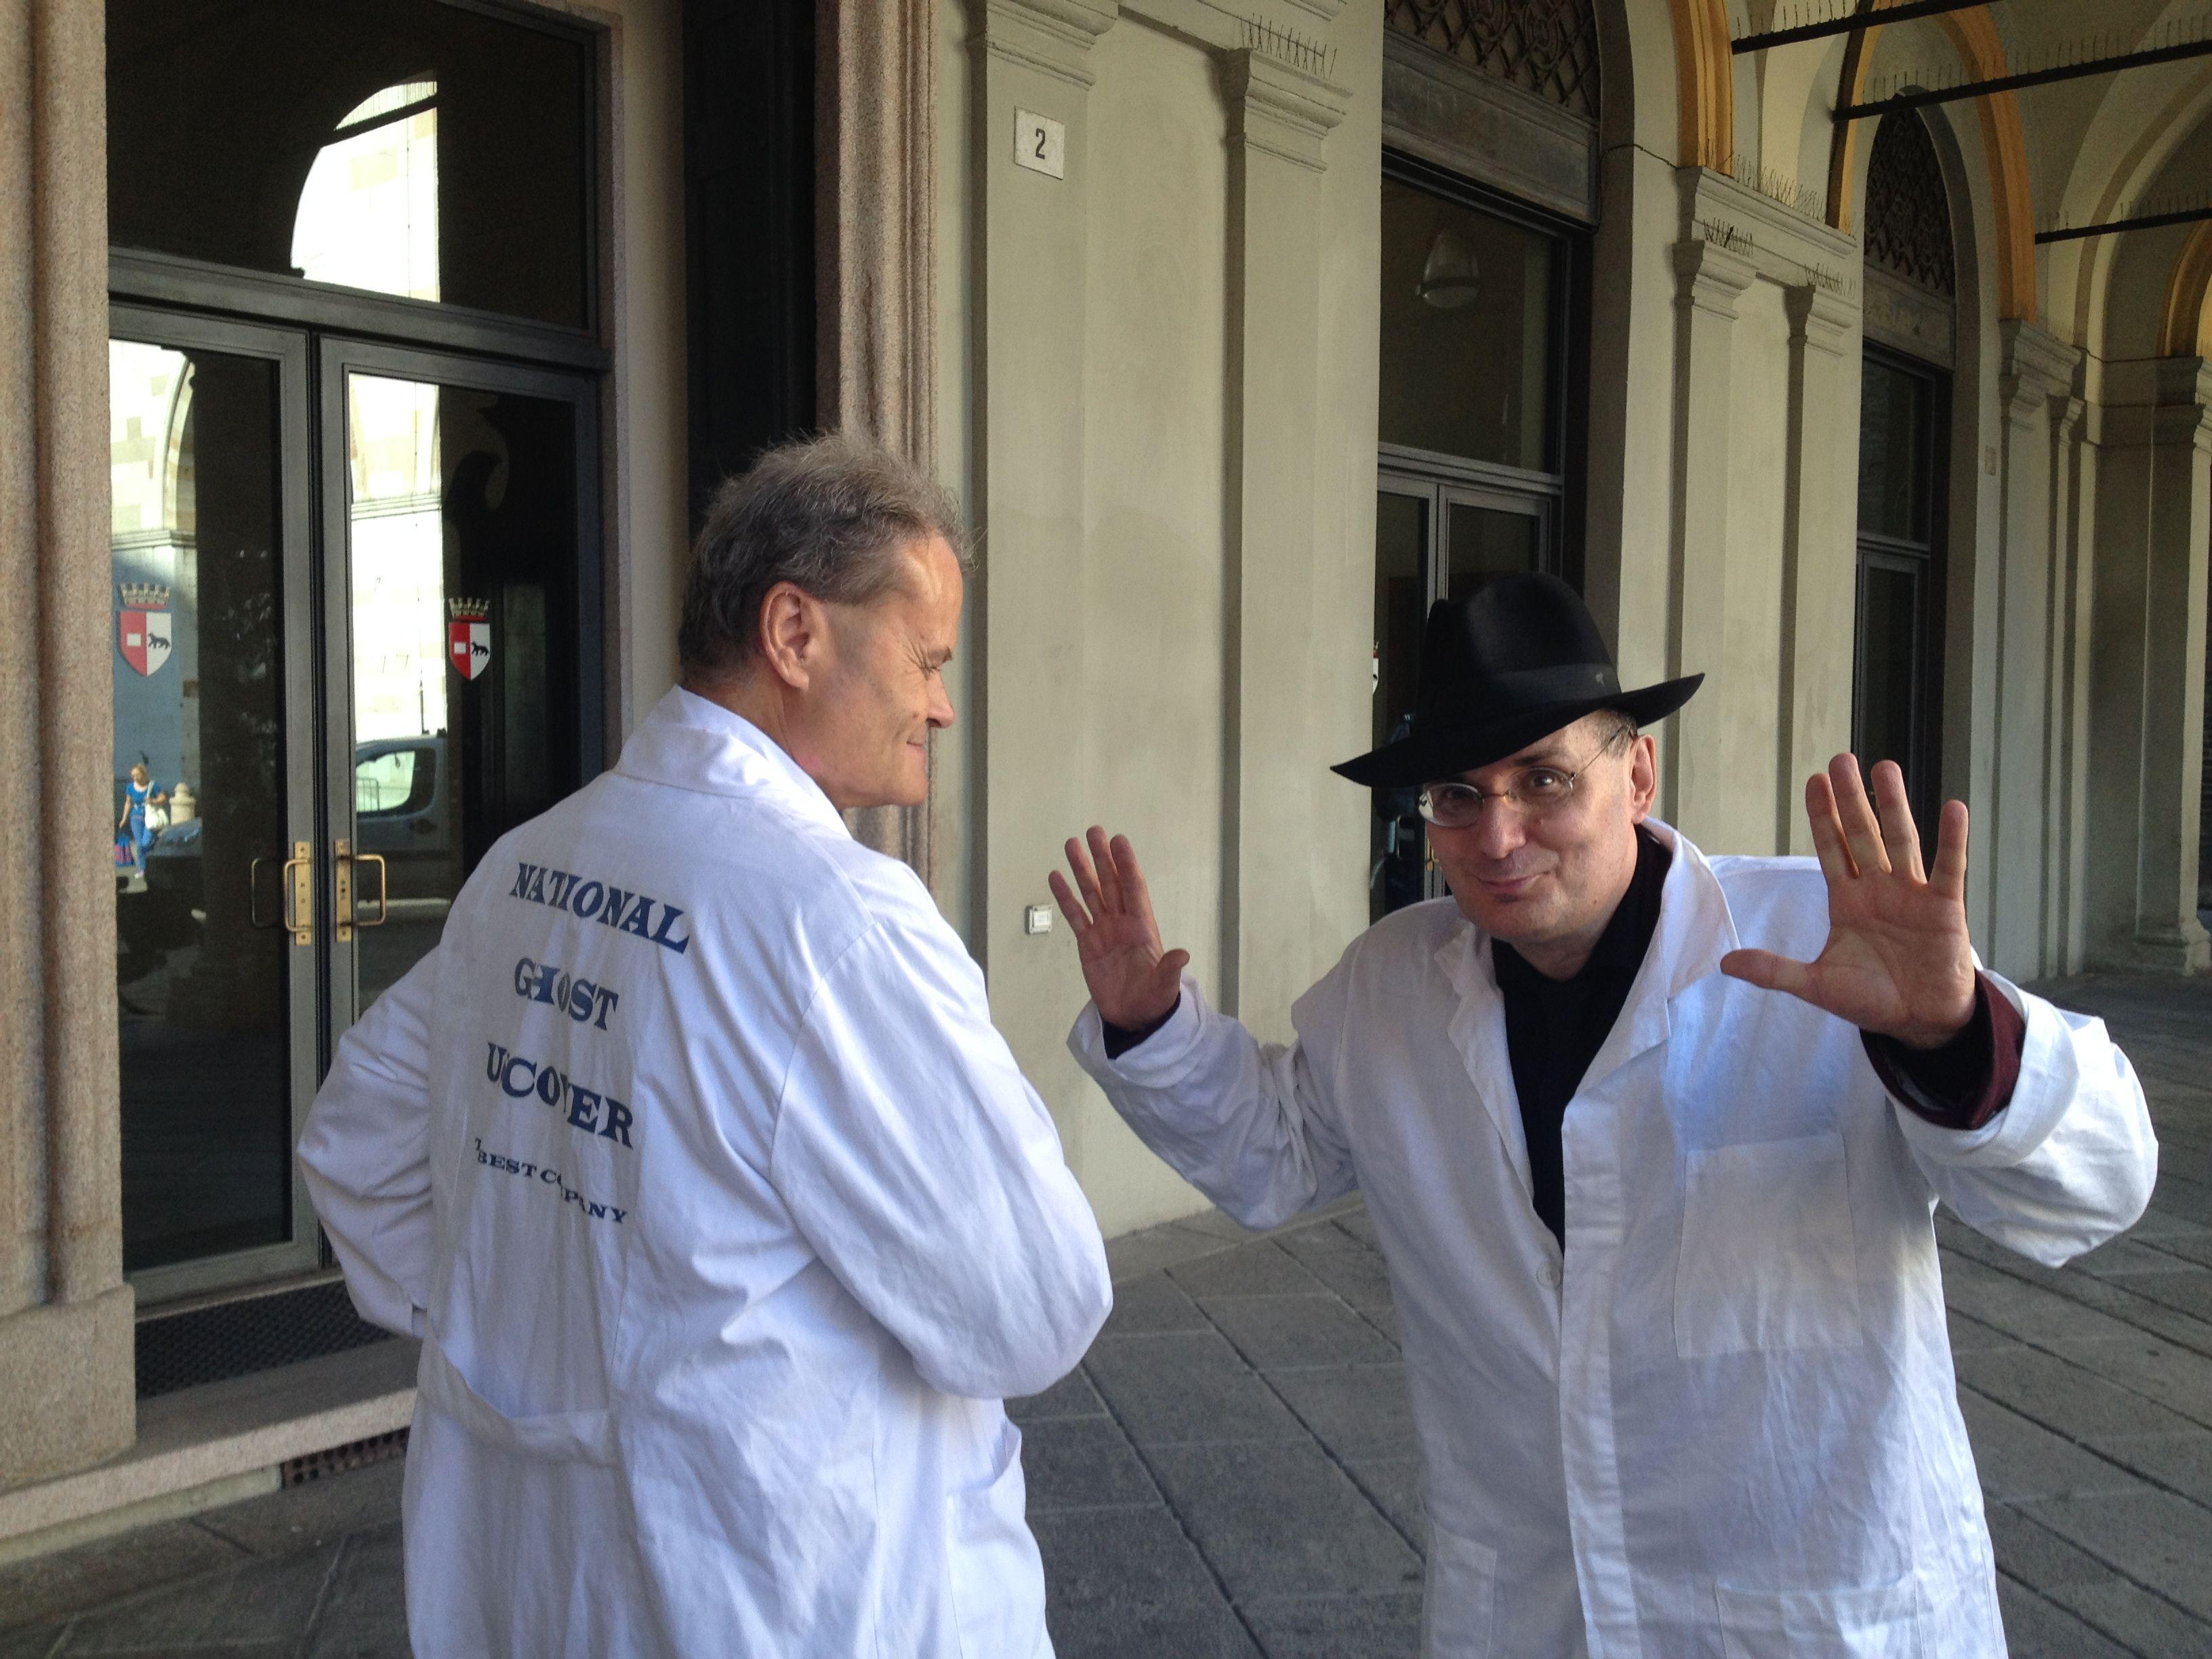 &#8220;Un fantasma a Palazzo Mercanti&#8221;<br>Gli esperti chiedono di indagare